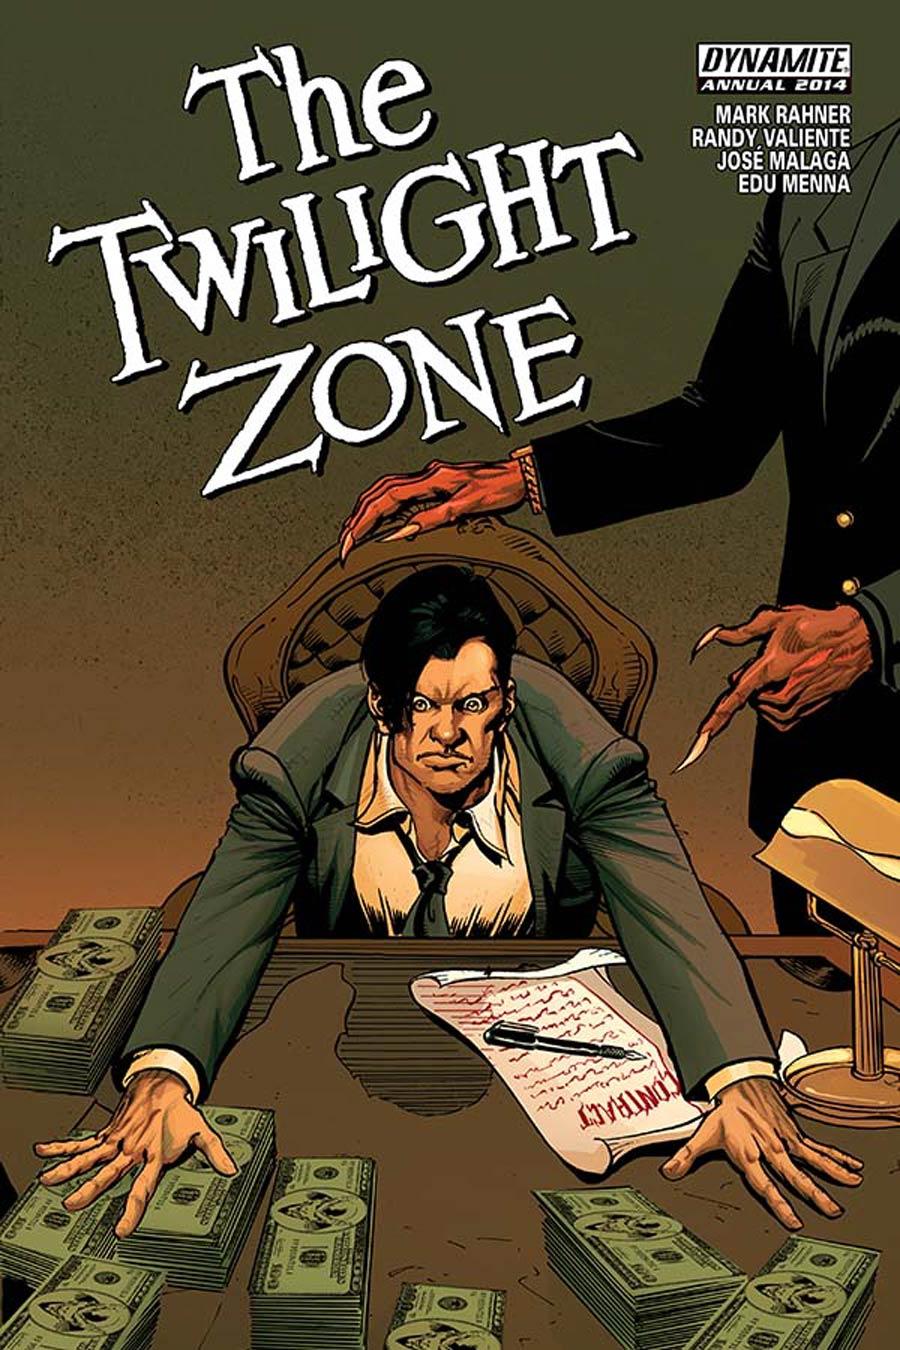 Twilight Zone Vol 5 Annual 2014